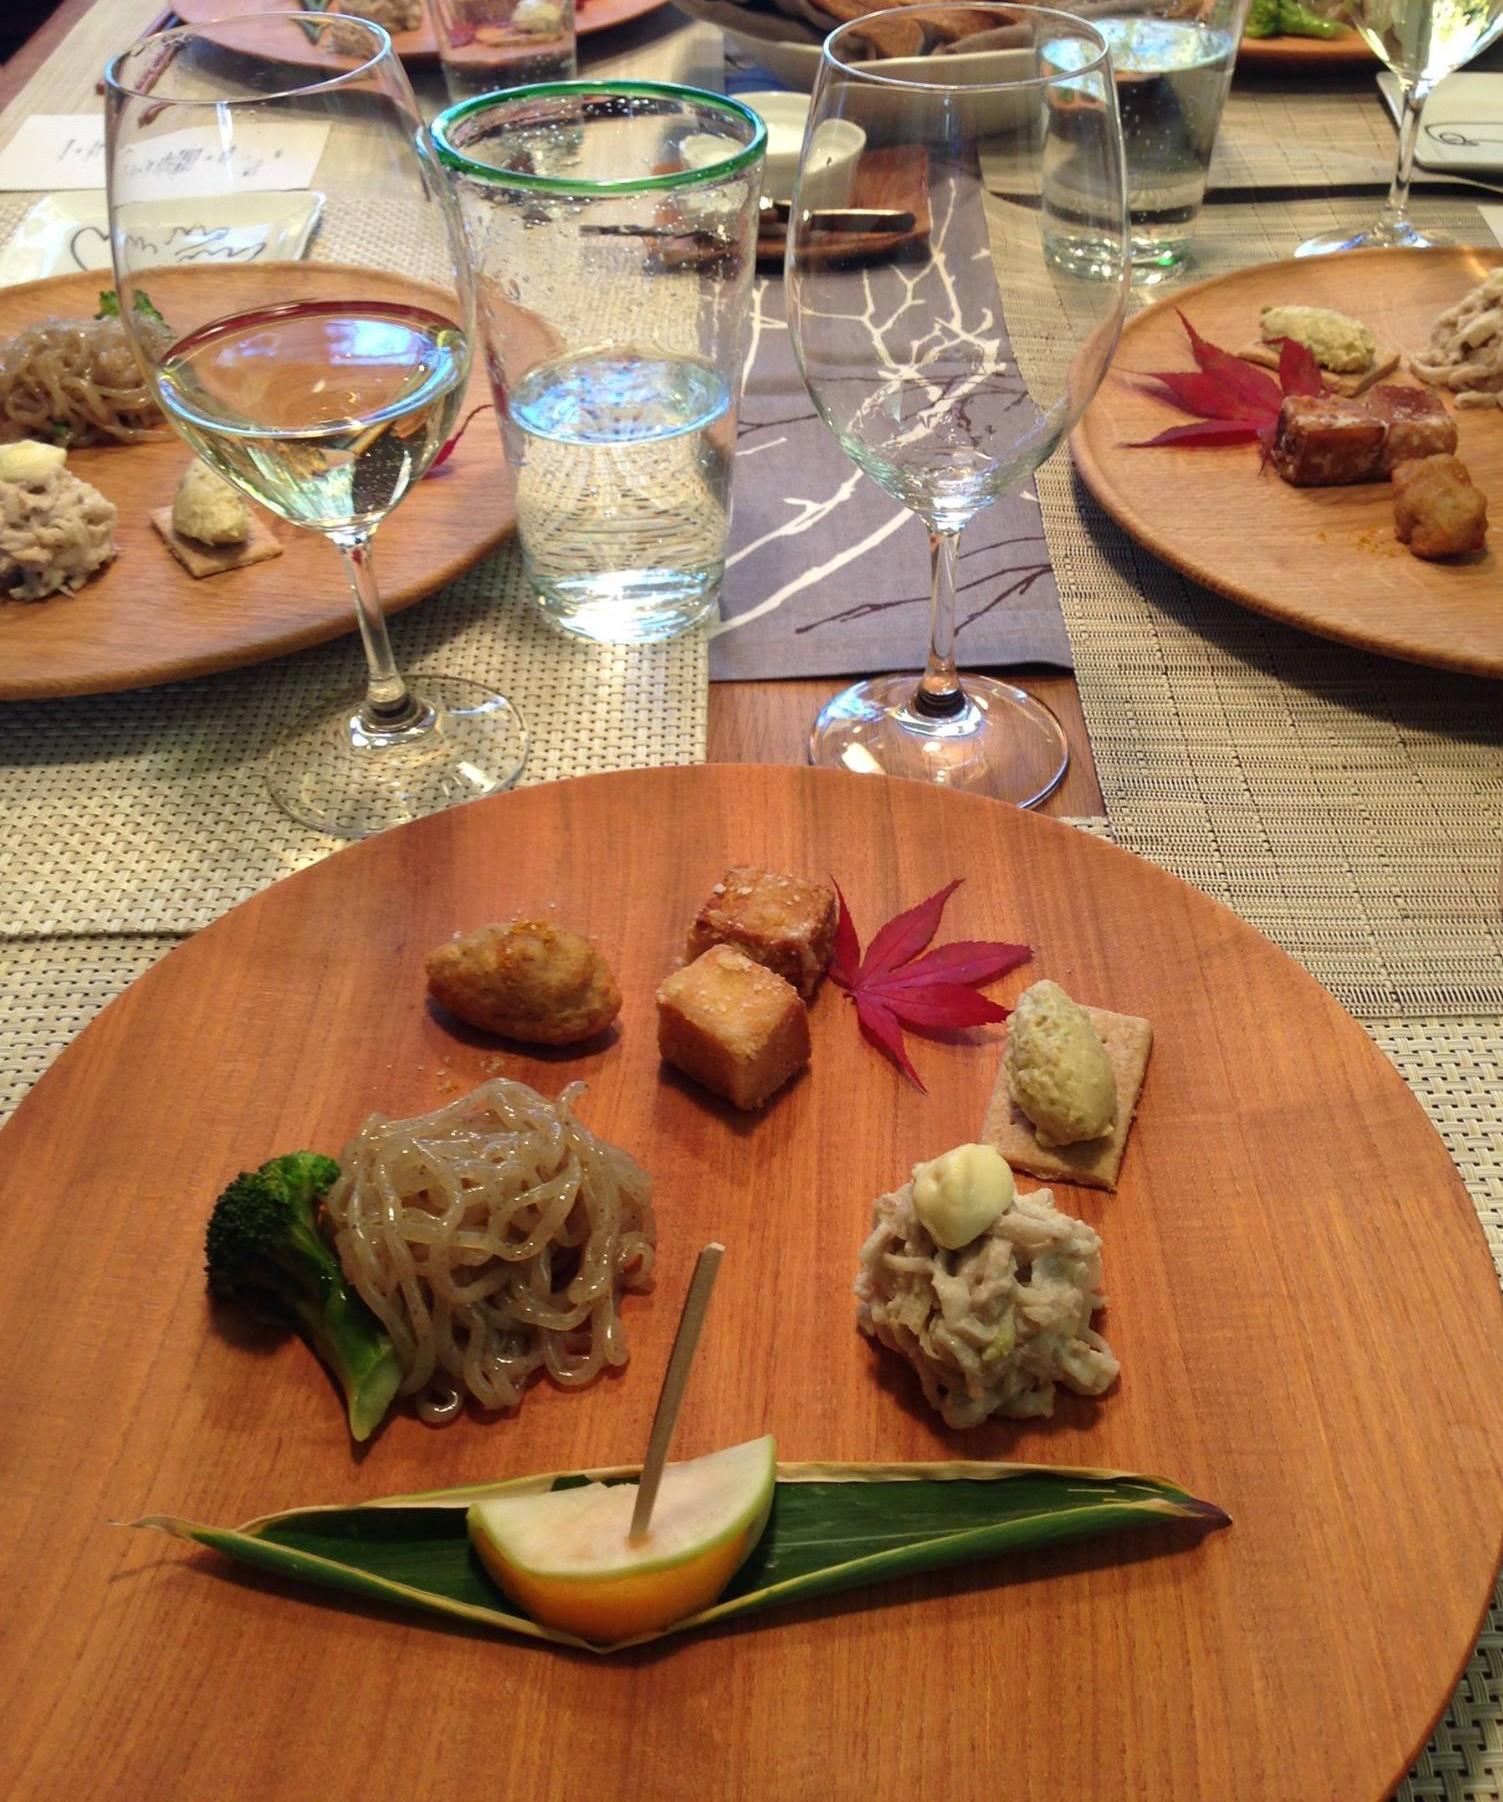 【満員御礼】富士見町で野菜料理とお酒を楽しむ会